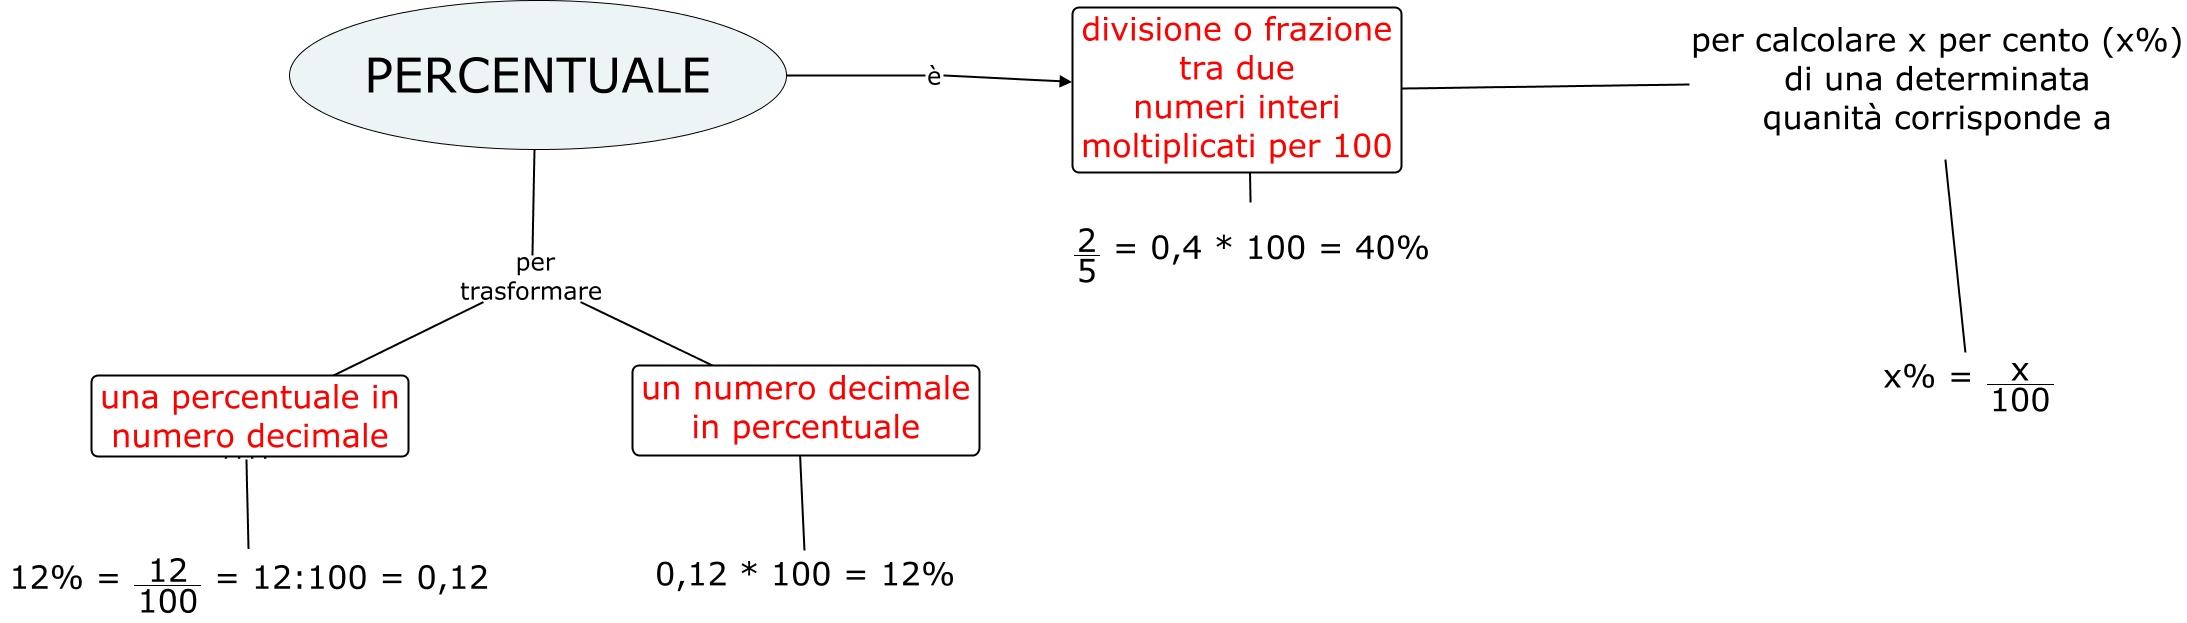 Percentule